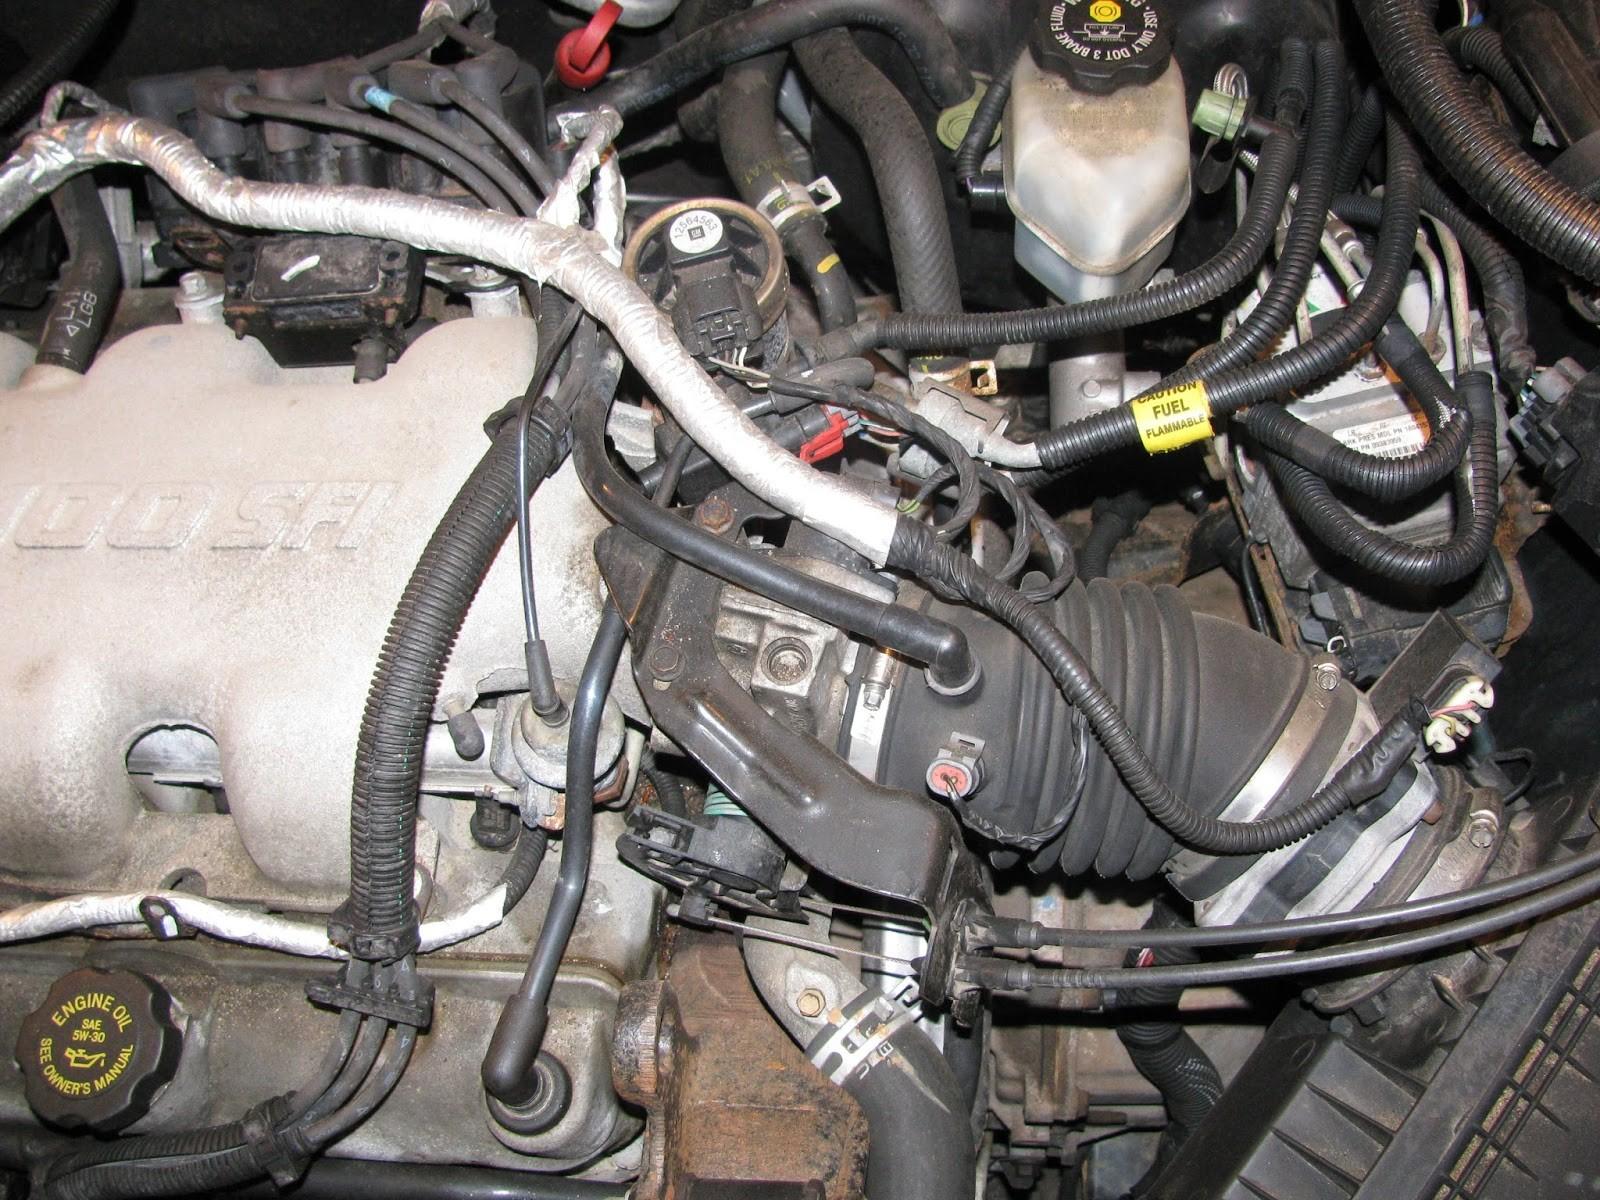 2000 Pontiac Grand Am Gt Engine Diagram the original Mechanic 3 1l Engine Gm Replacing Intake Manifold Of 2000 Pontiac Grand Am Gt Engine Diagram